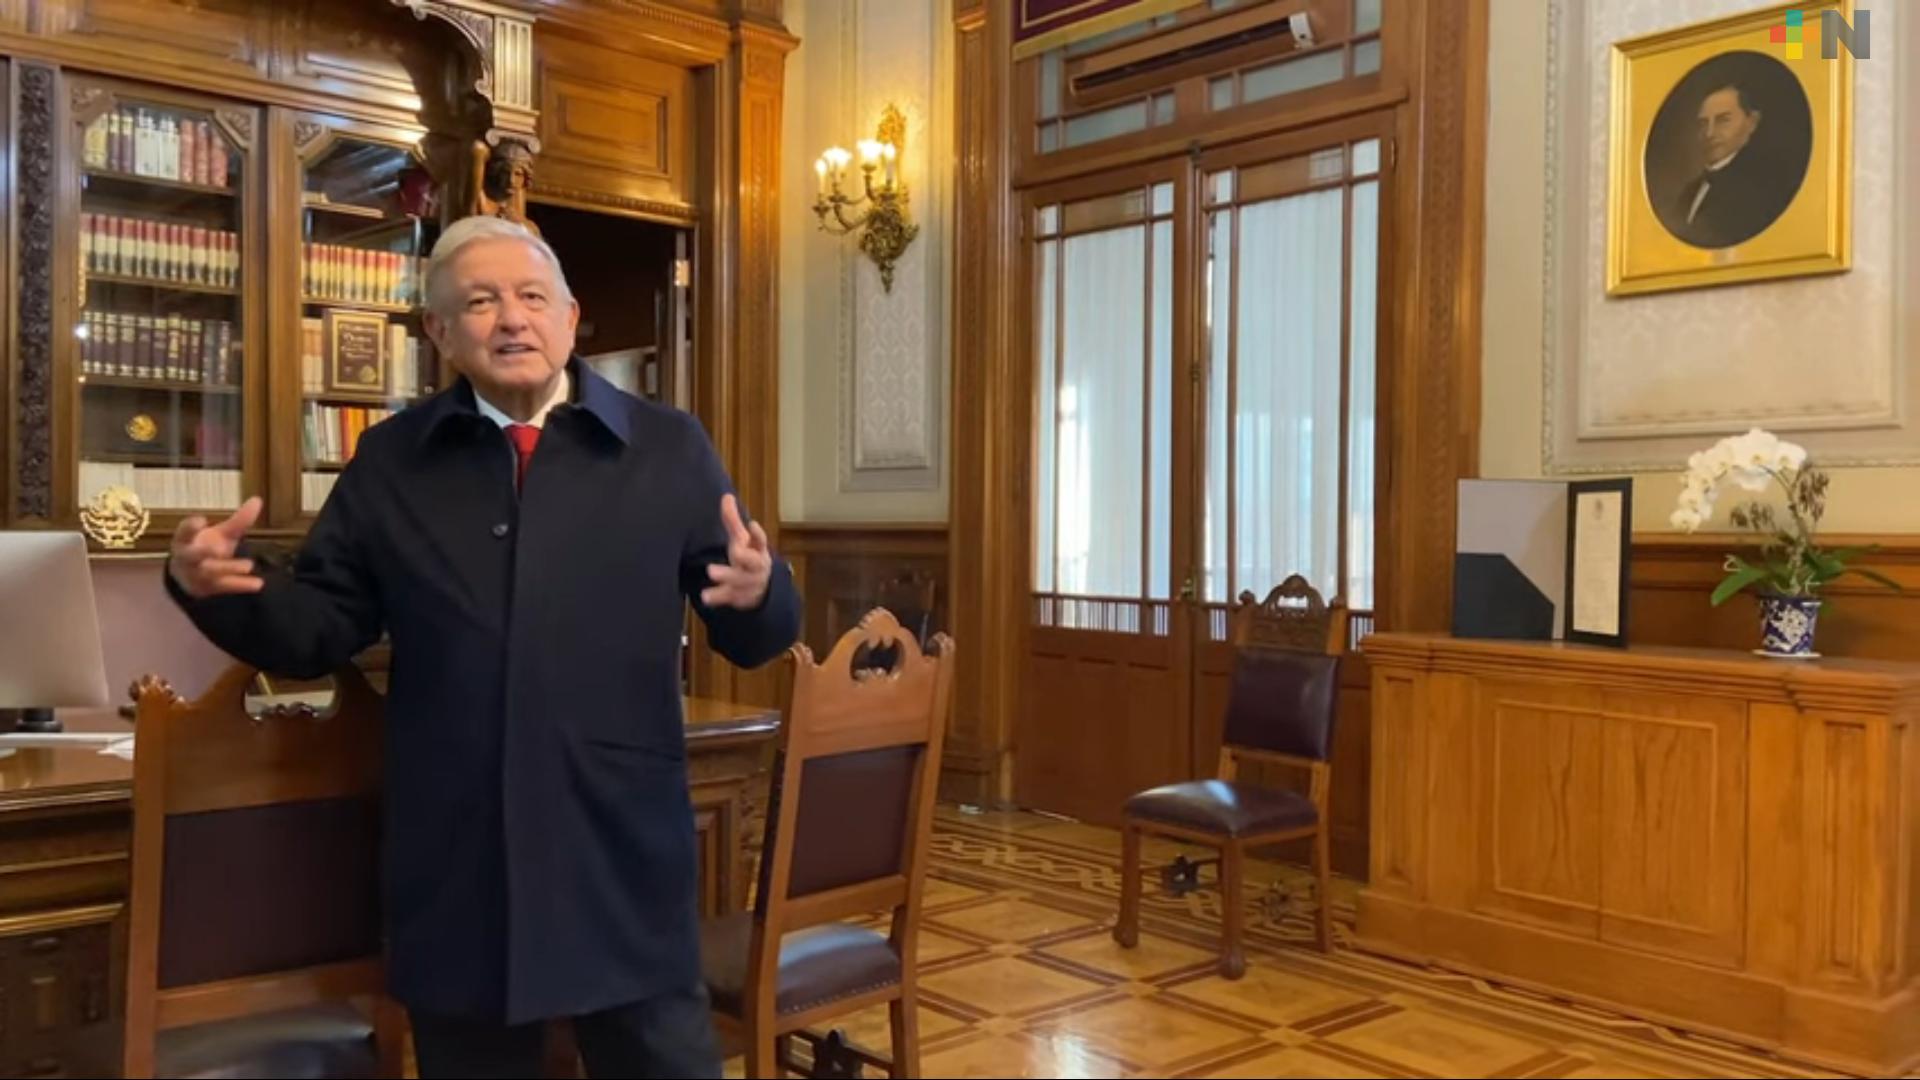 «No nos rendimos, tenemos que tener mucha fe en el porvenir» dice el presidente López Obrador al pueblo de México